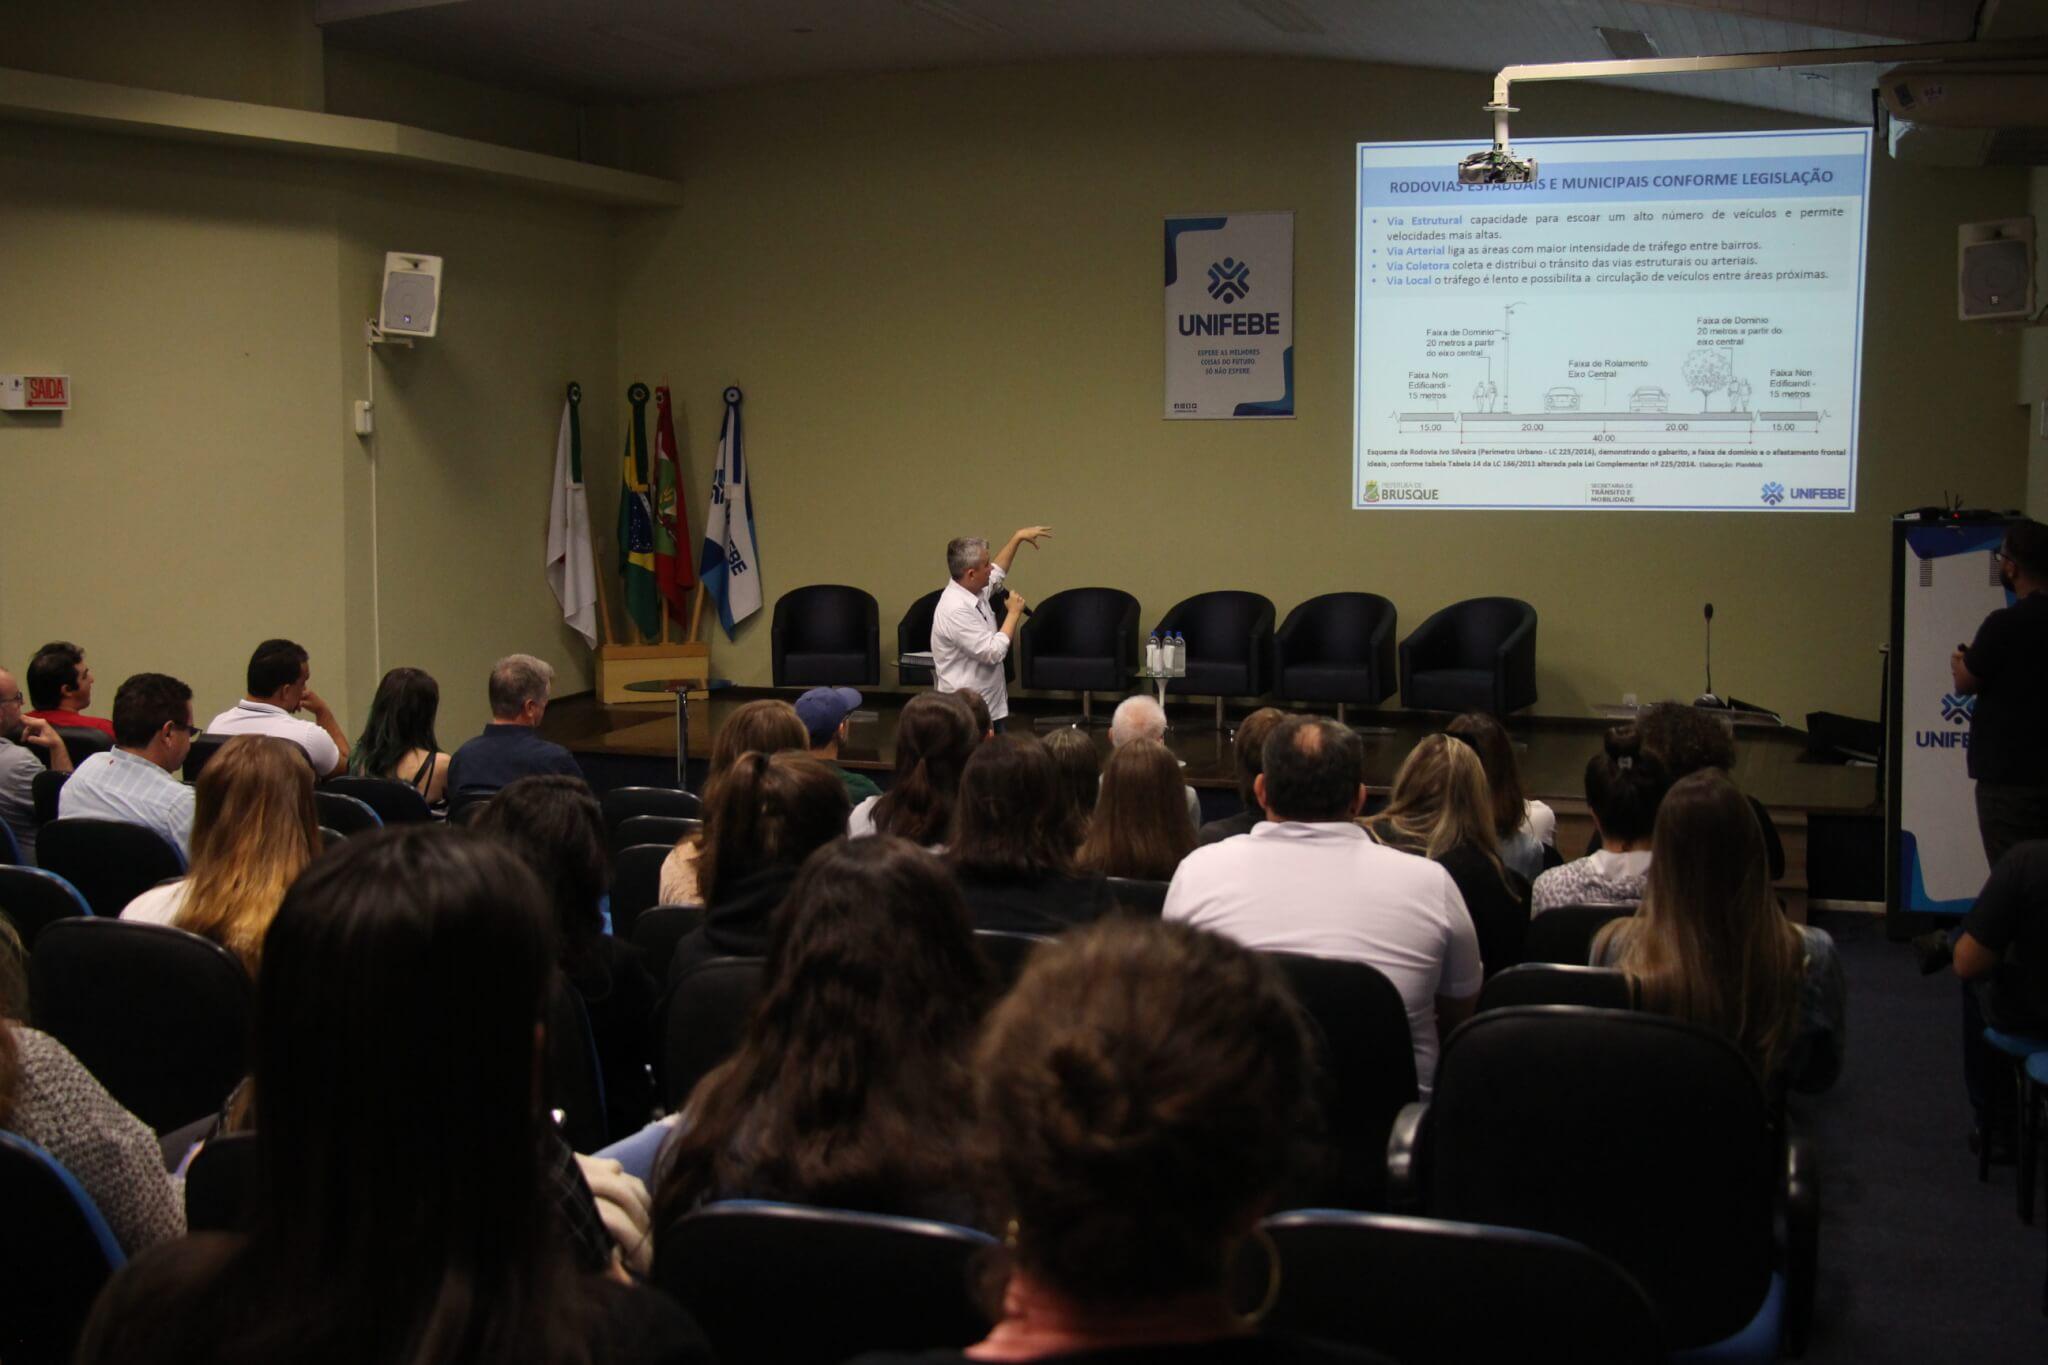 Audiência Pública apresenta dados coletados para o Plano de Mobilidade Urbana de Brusque